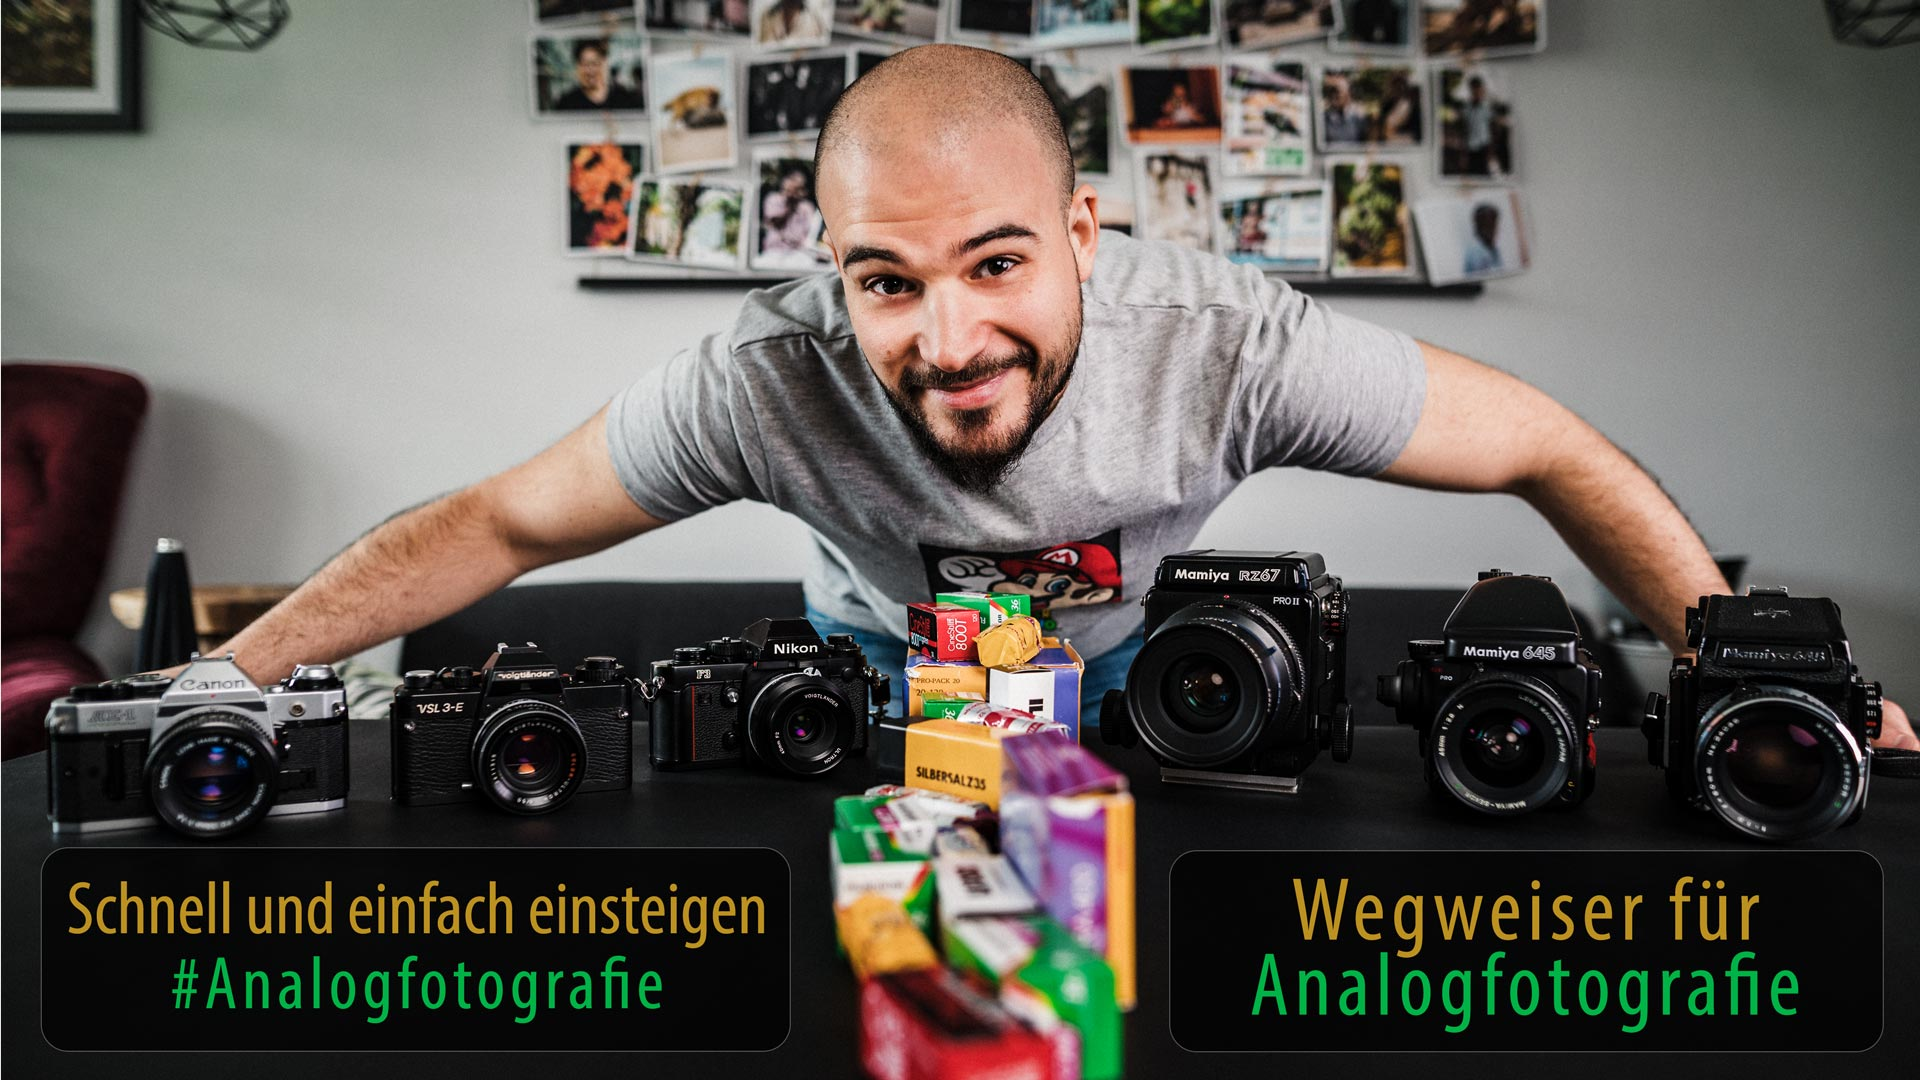 Einfach in die Analogfotografie einsteigen – Tipps, Erfahrungen und Bilder